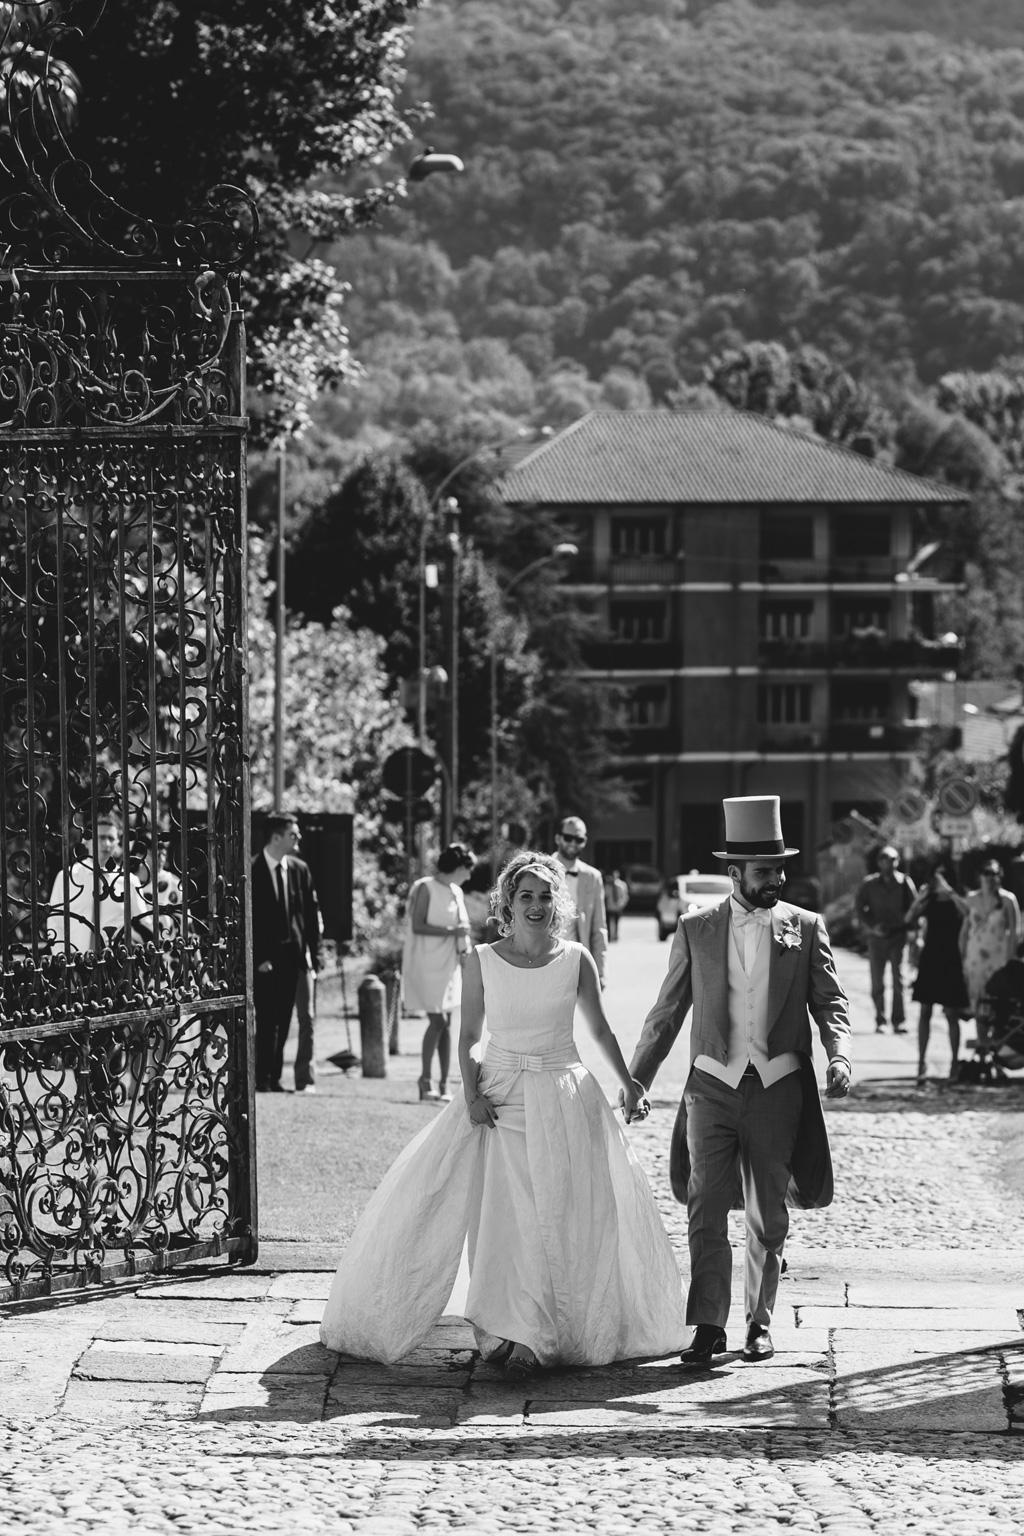 Riccardo e Lidia superano il cancello per dirigersi al ricevimento